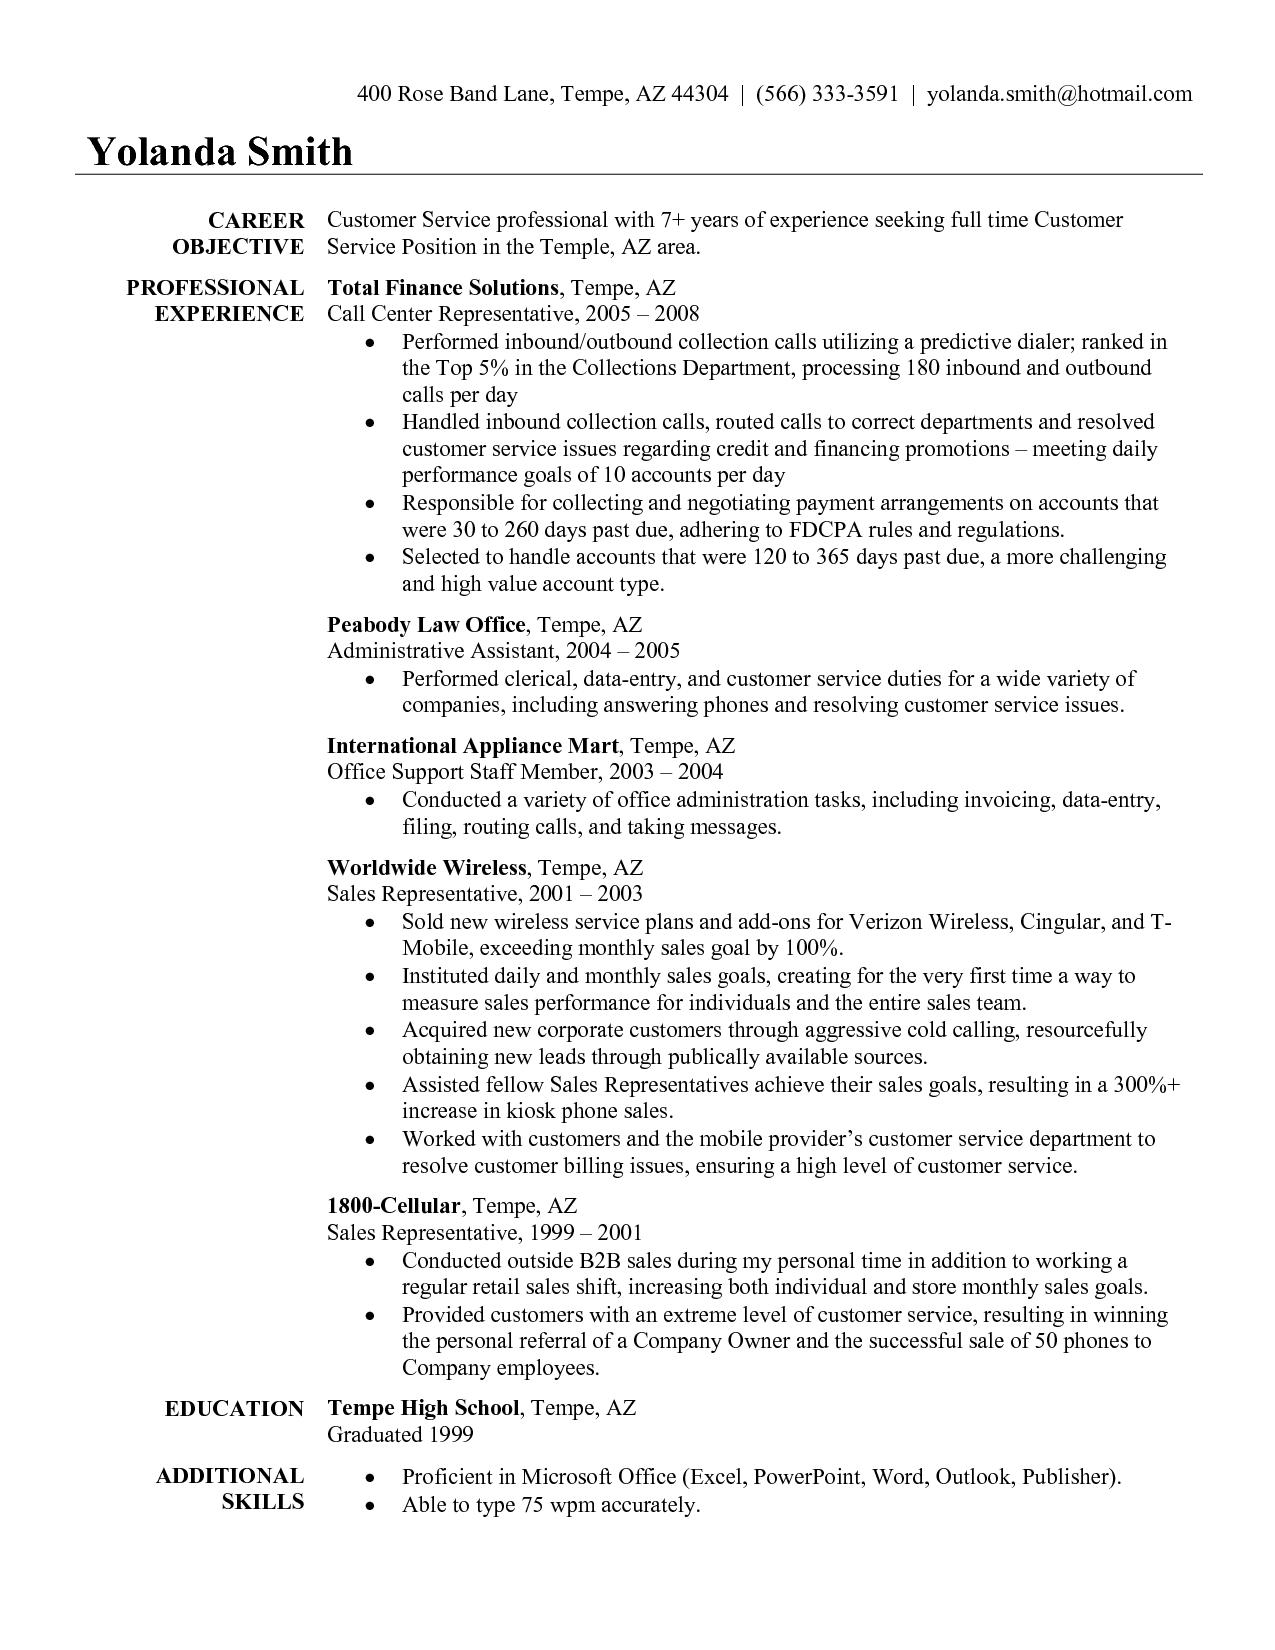 job application for medical representative